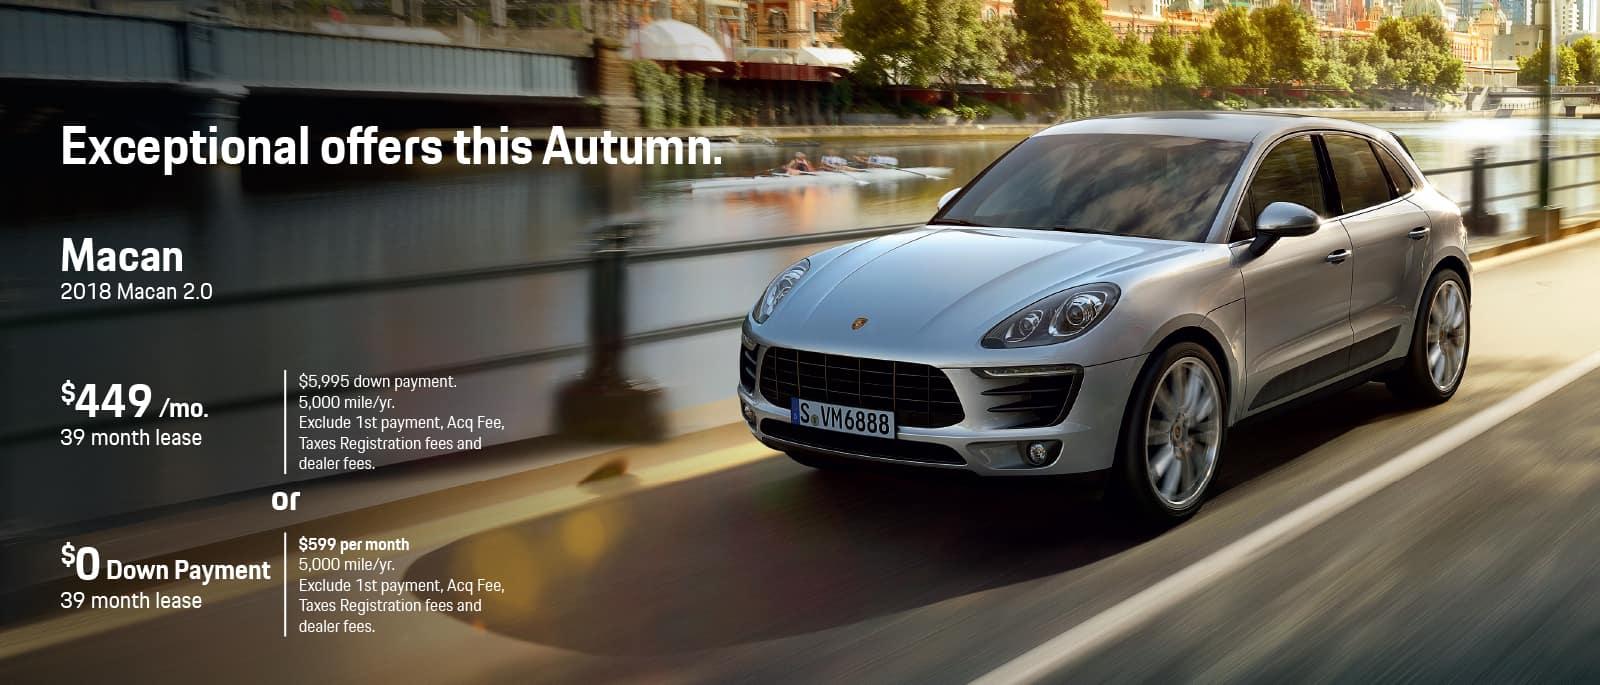 Porsche Macan Lease Special